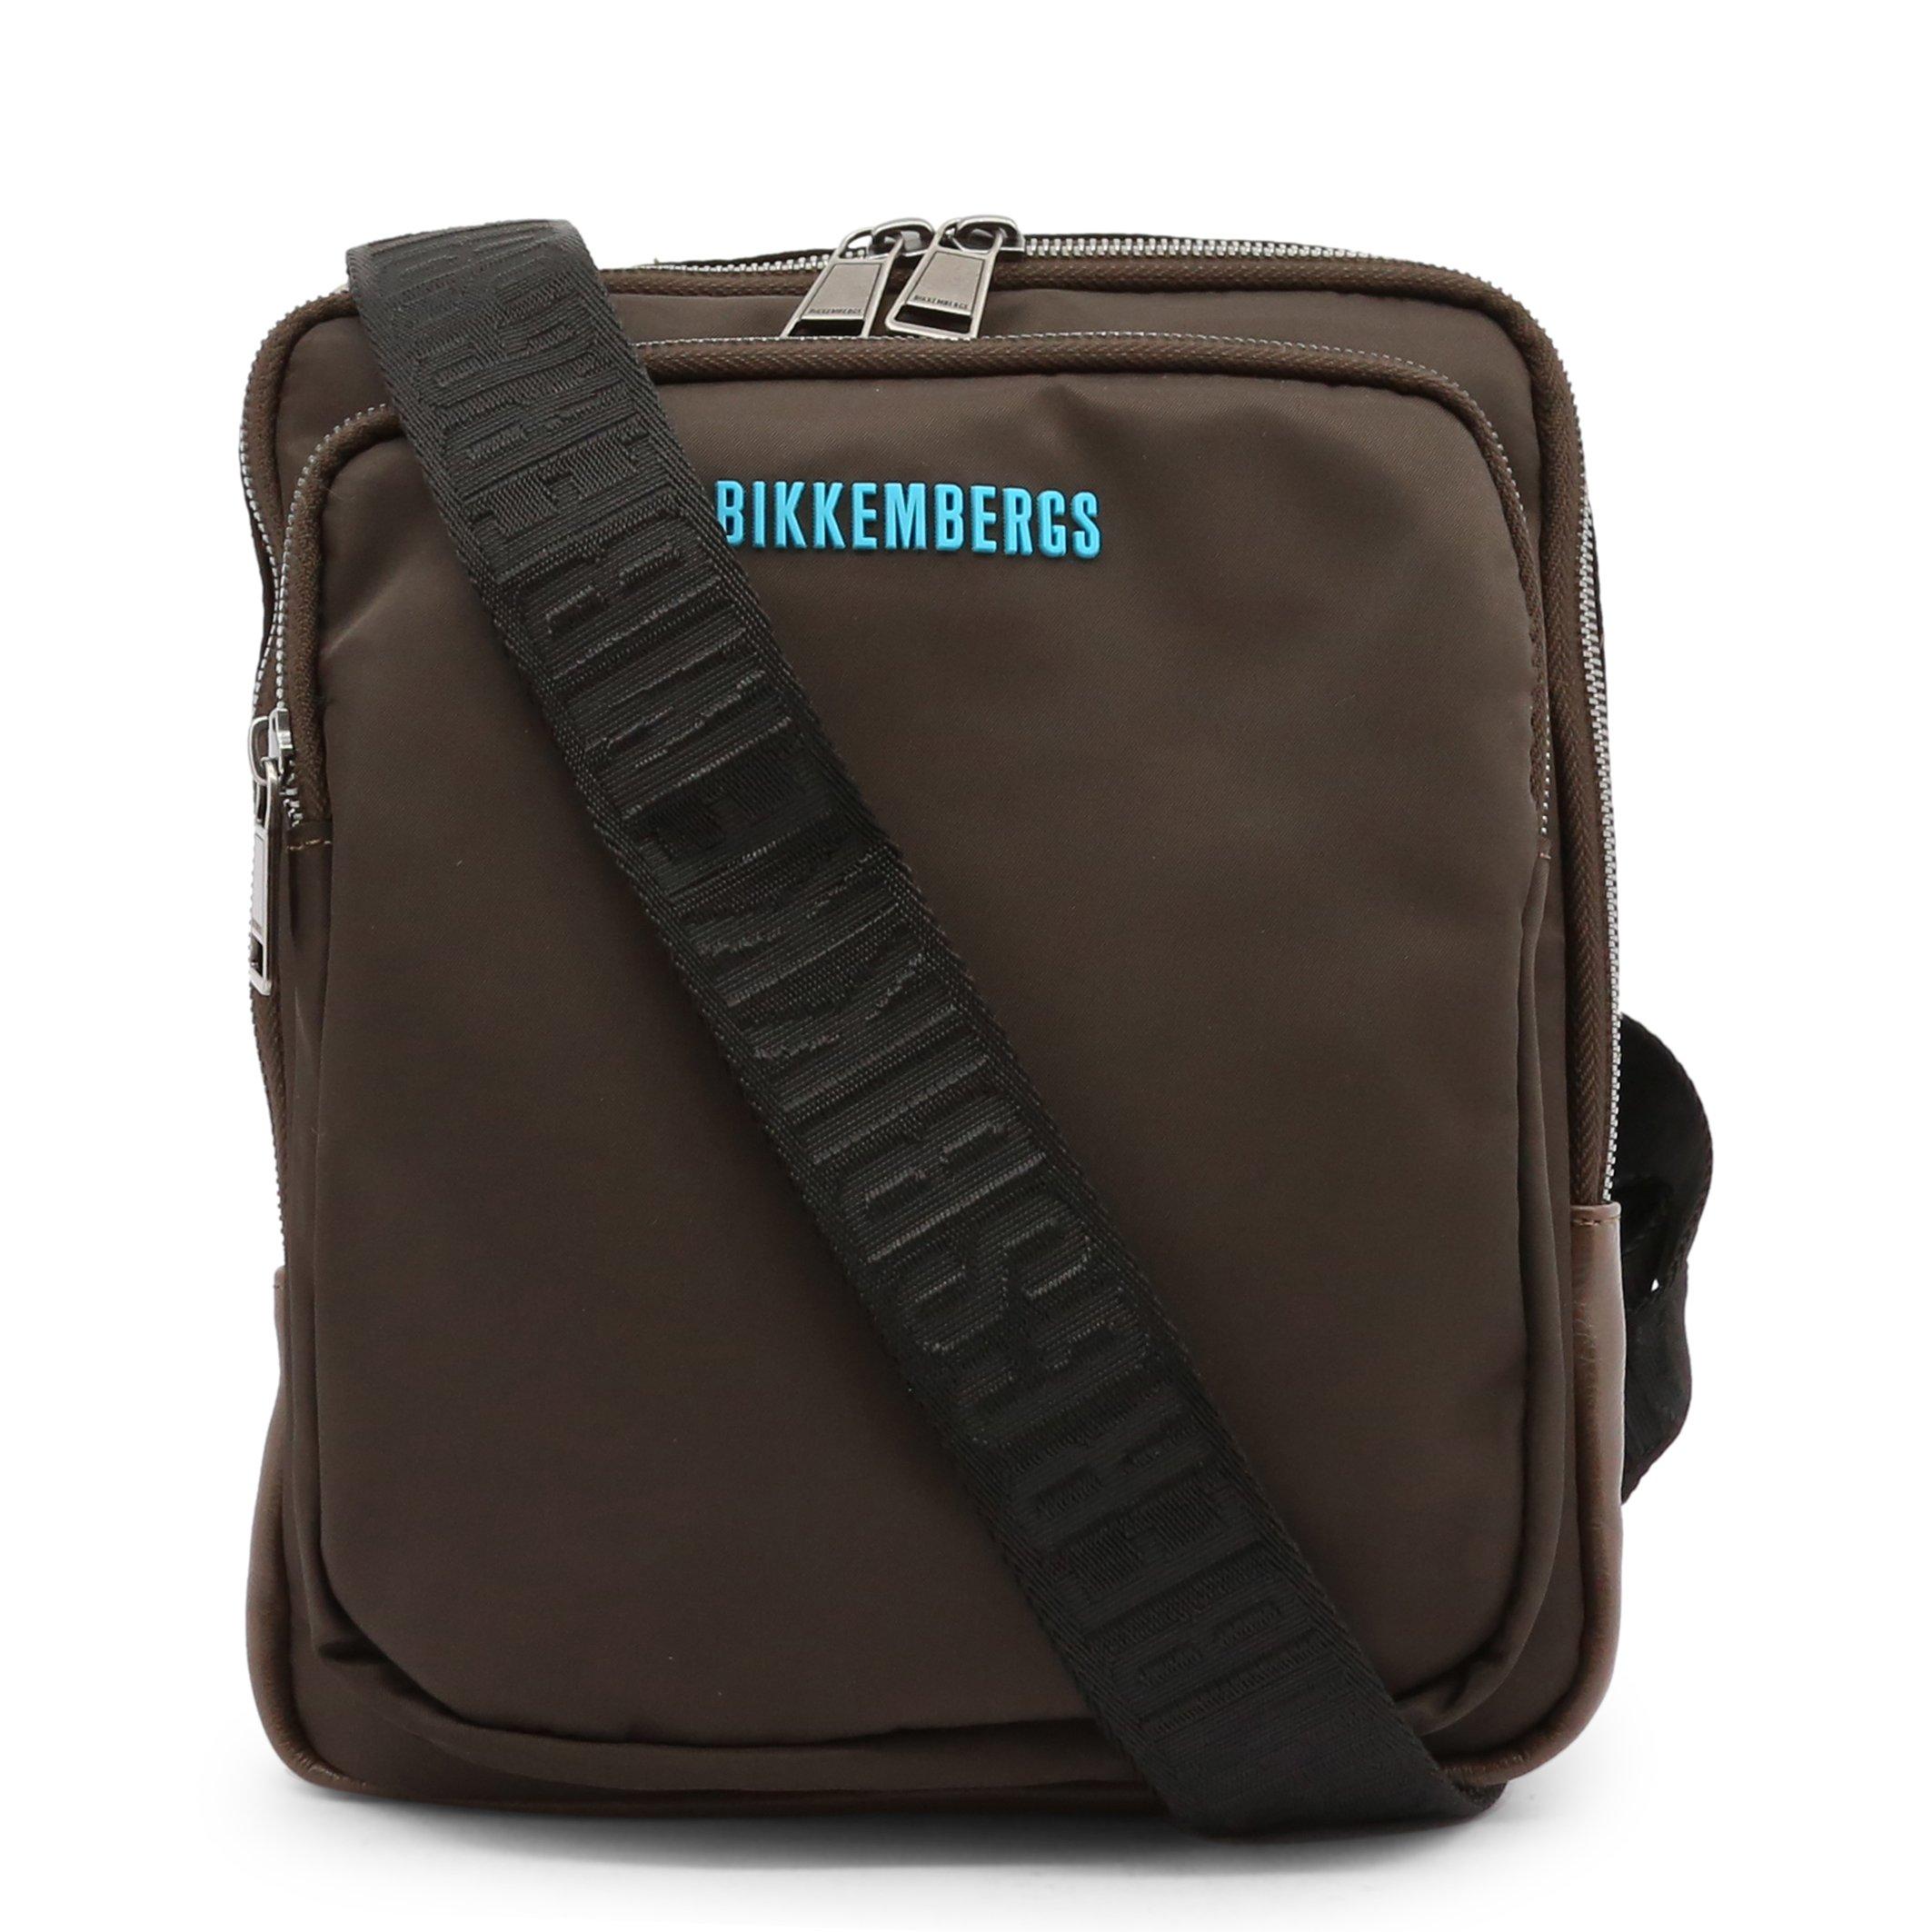 Bikkembergs Men's Crossbody Bag Various Colours E2BPME1Q0012 - brown NOSIZE